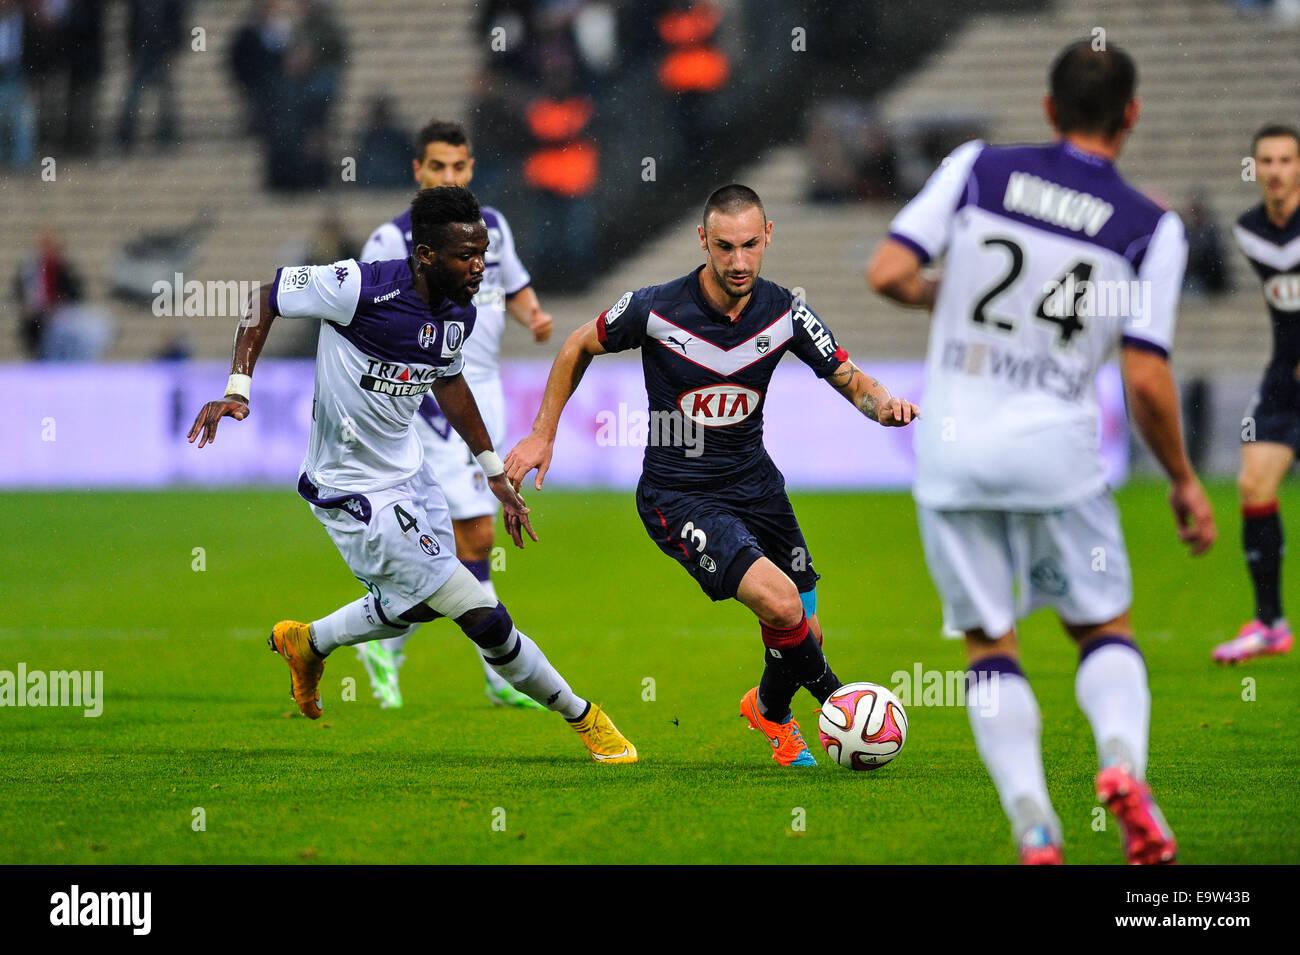 Bordeaux, Francia. 02Nov, 2014. French League calcio 1. Bordeaux rispetto a Tolosa. Diego Contento (gir) Credito: Immagini Stock